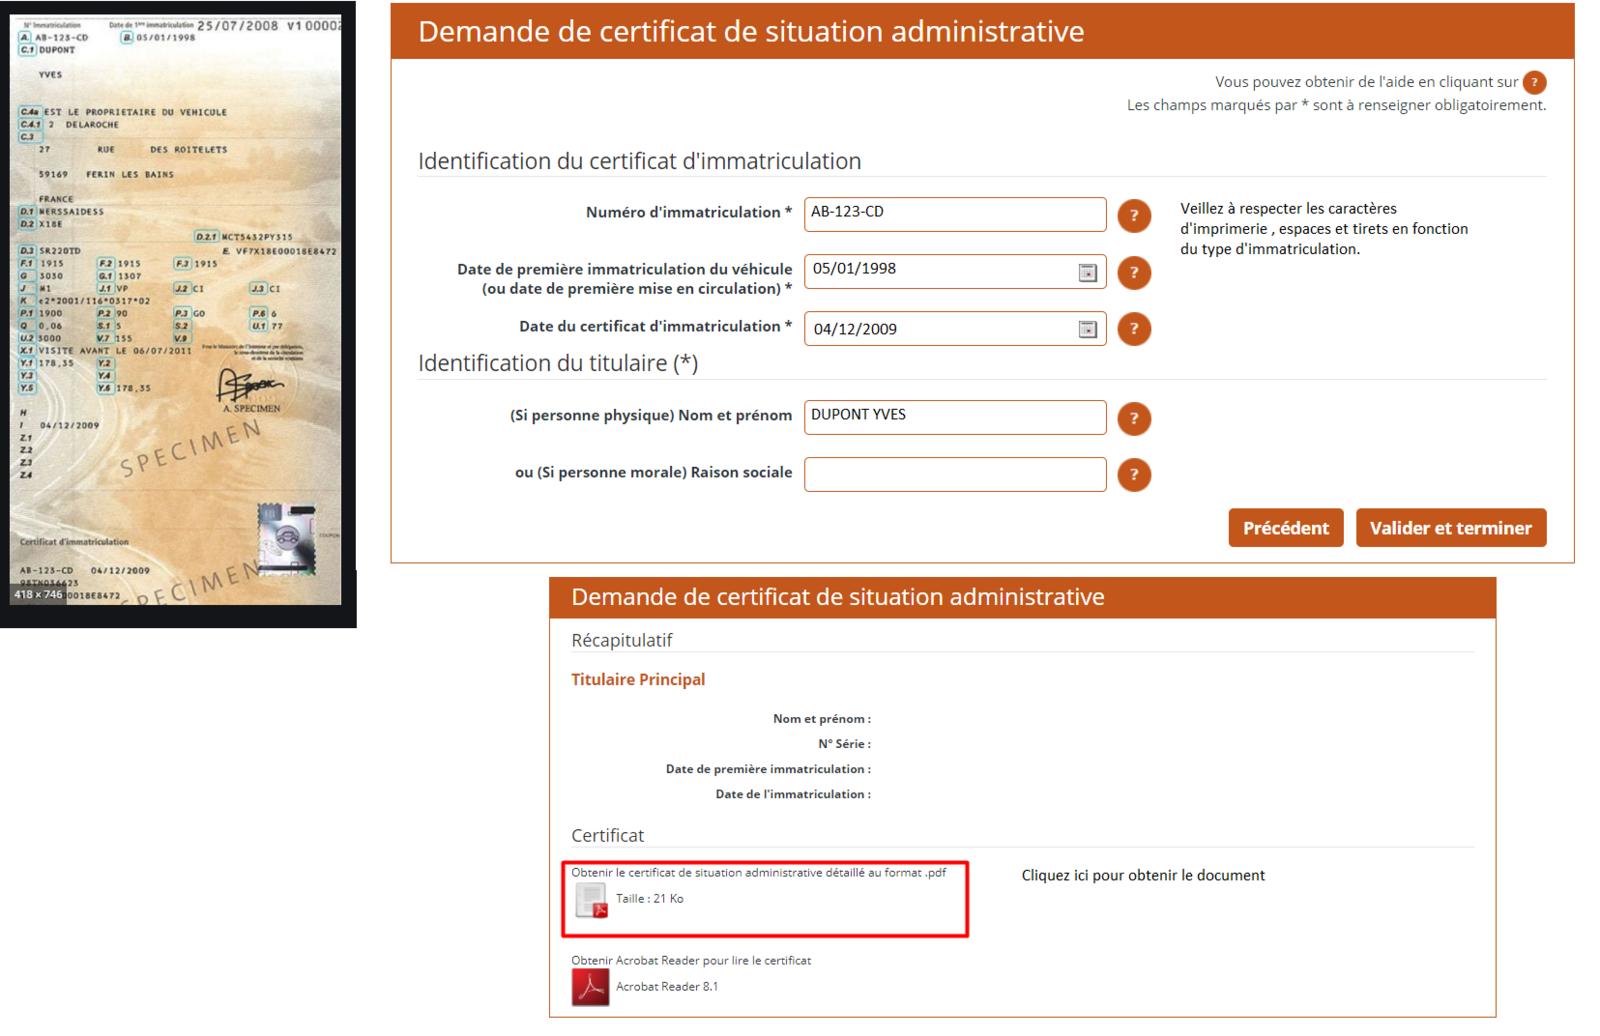 Comment remplir le formulaire de demande de certificat de situation administrative ?